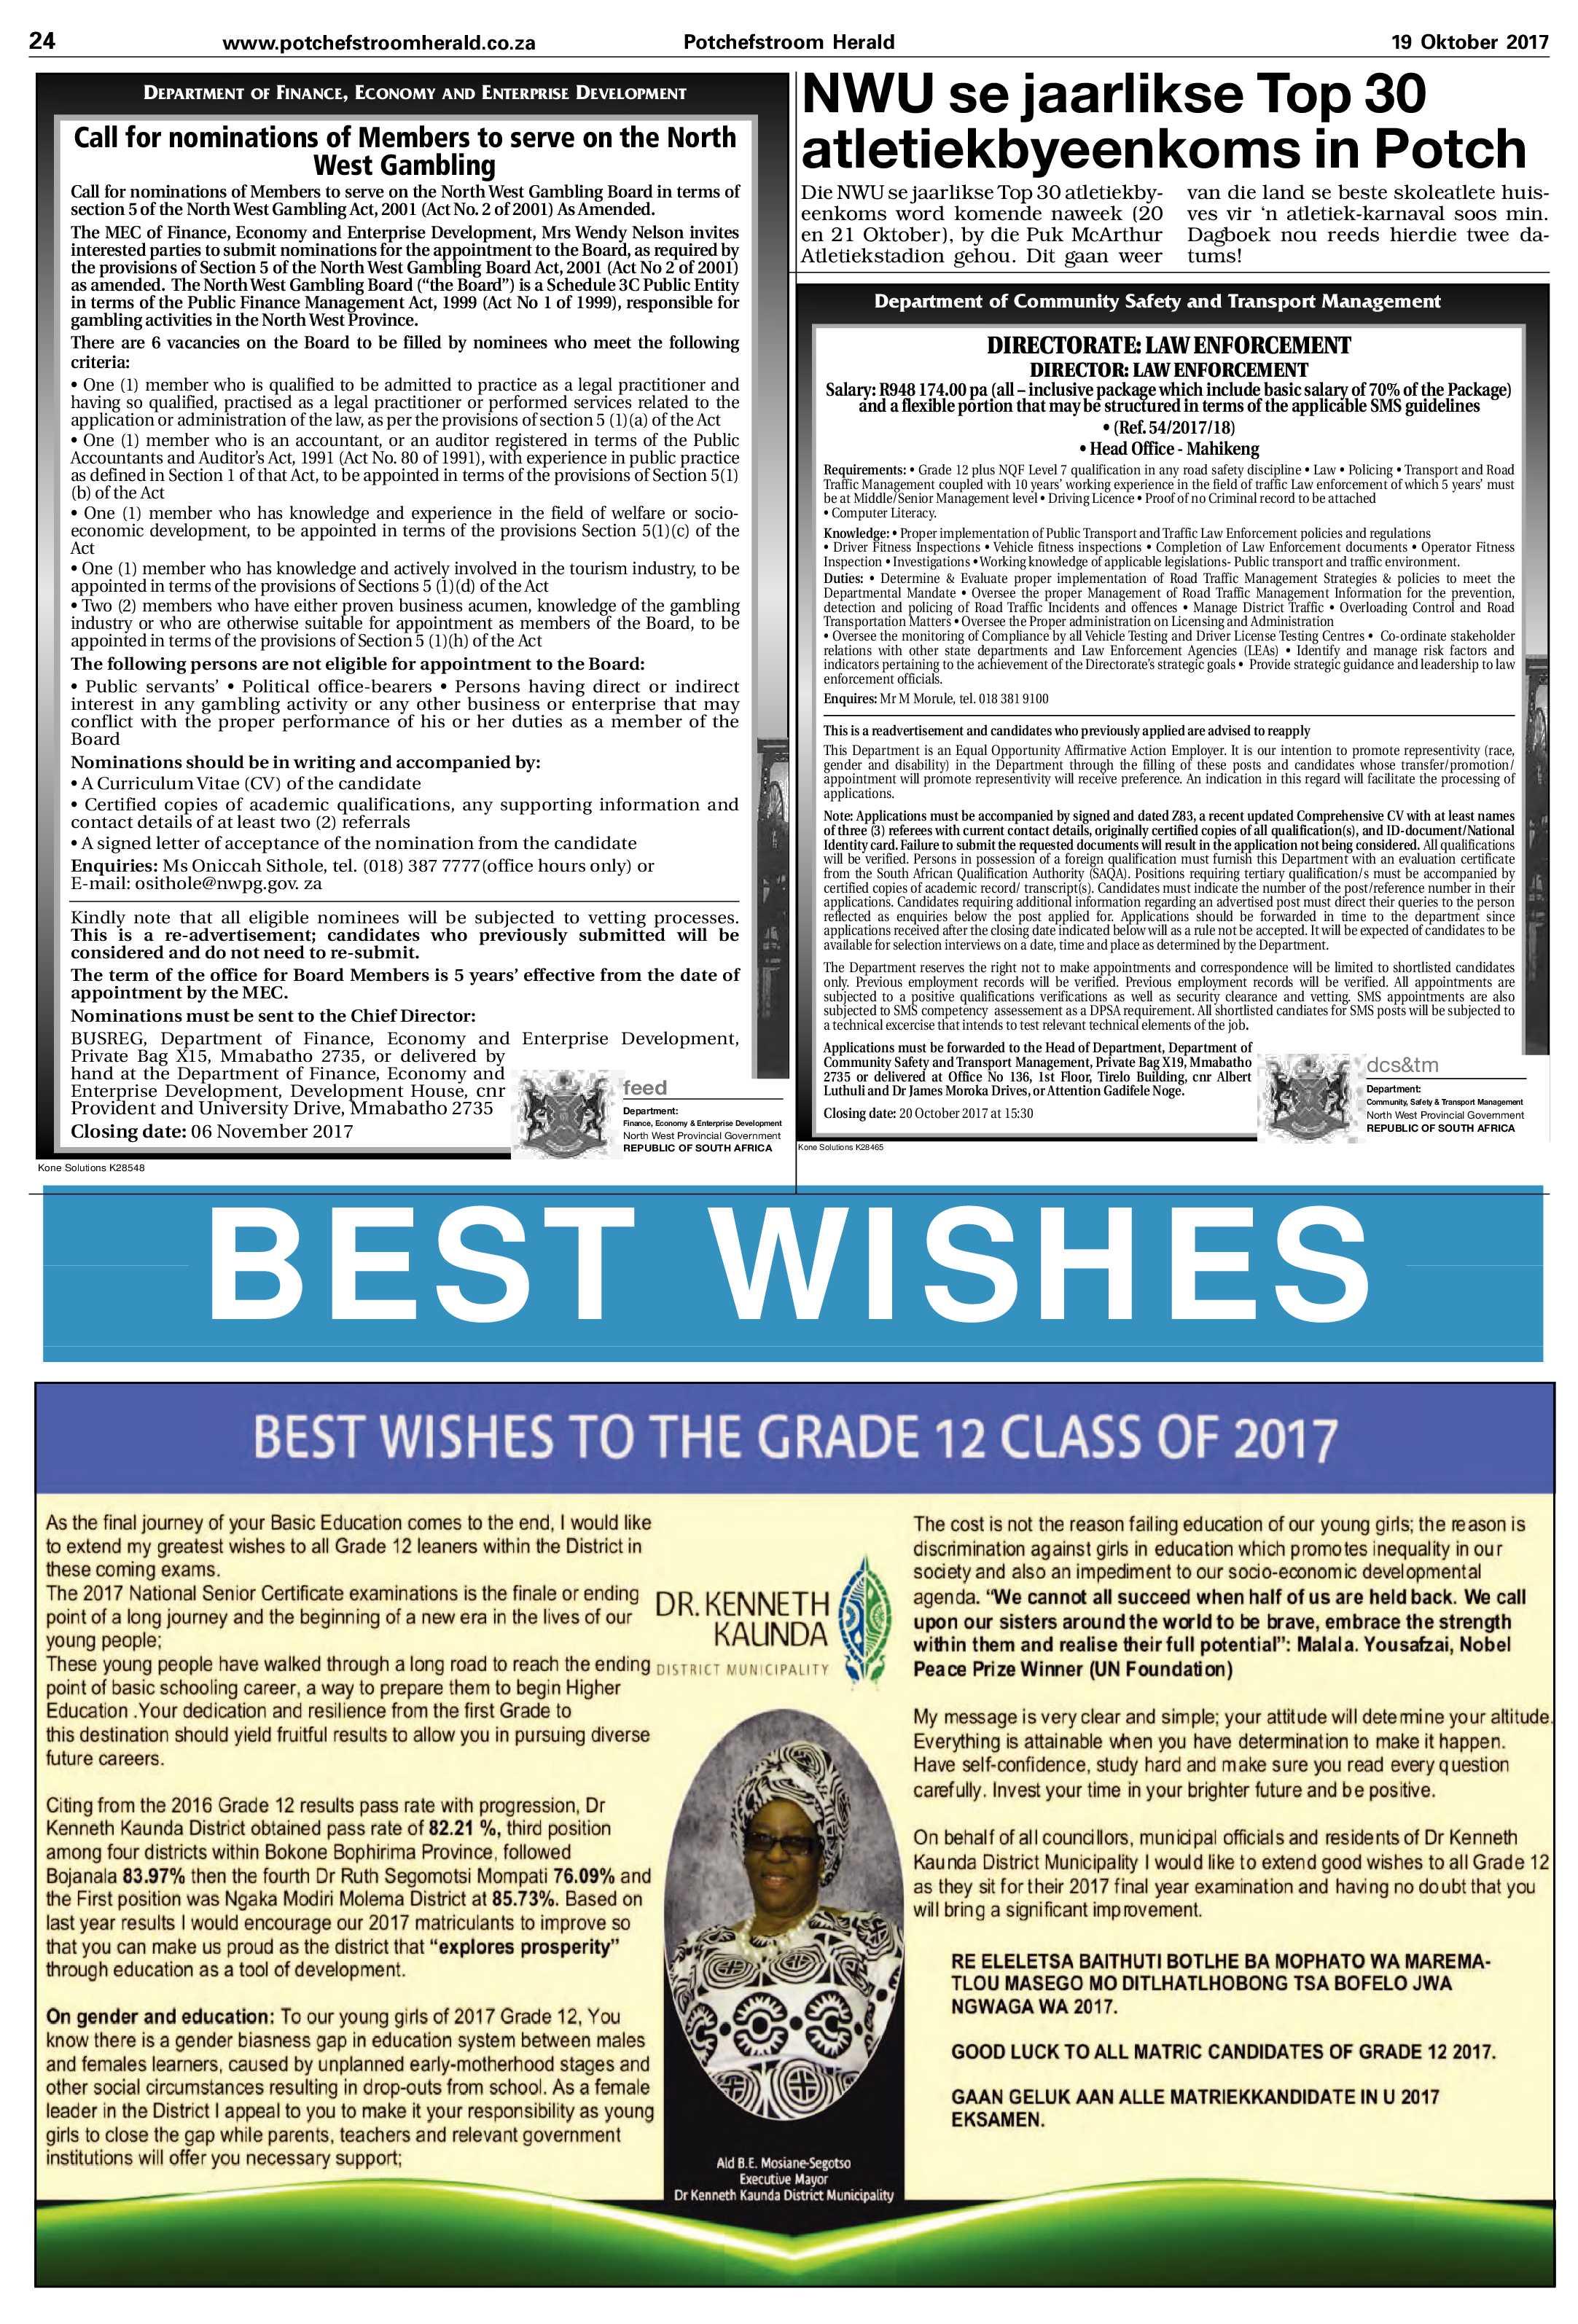 19-oktober-2017-epapers-page-24